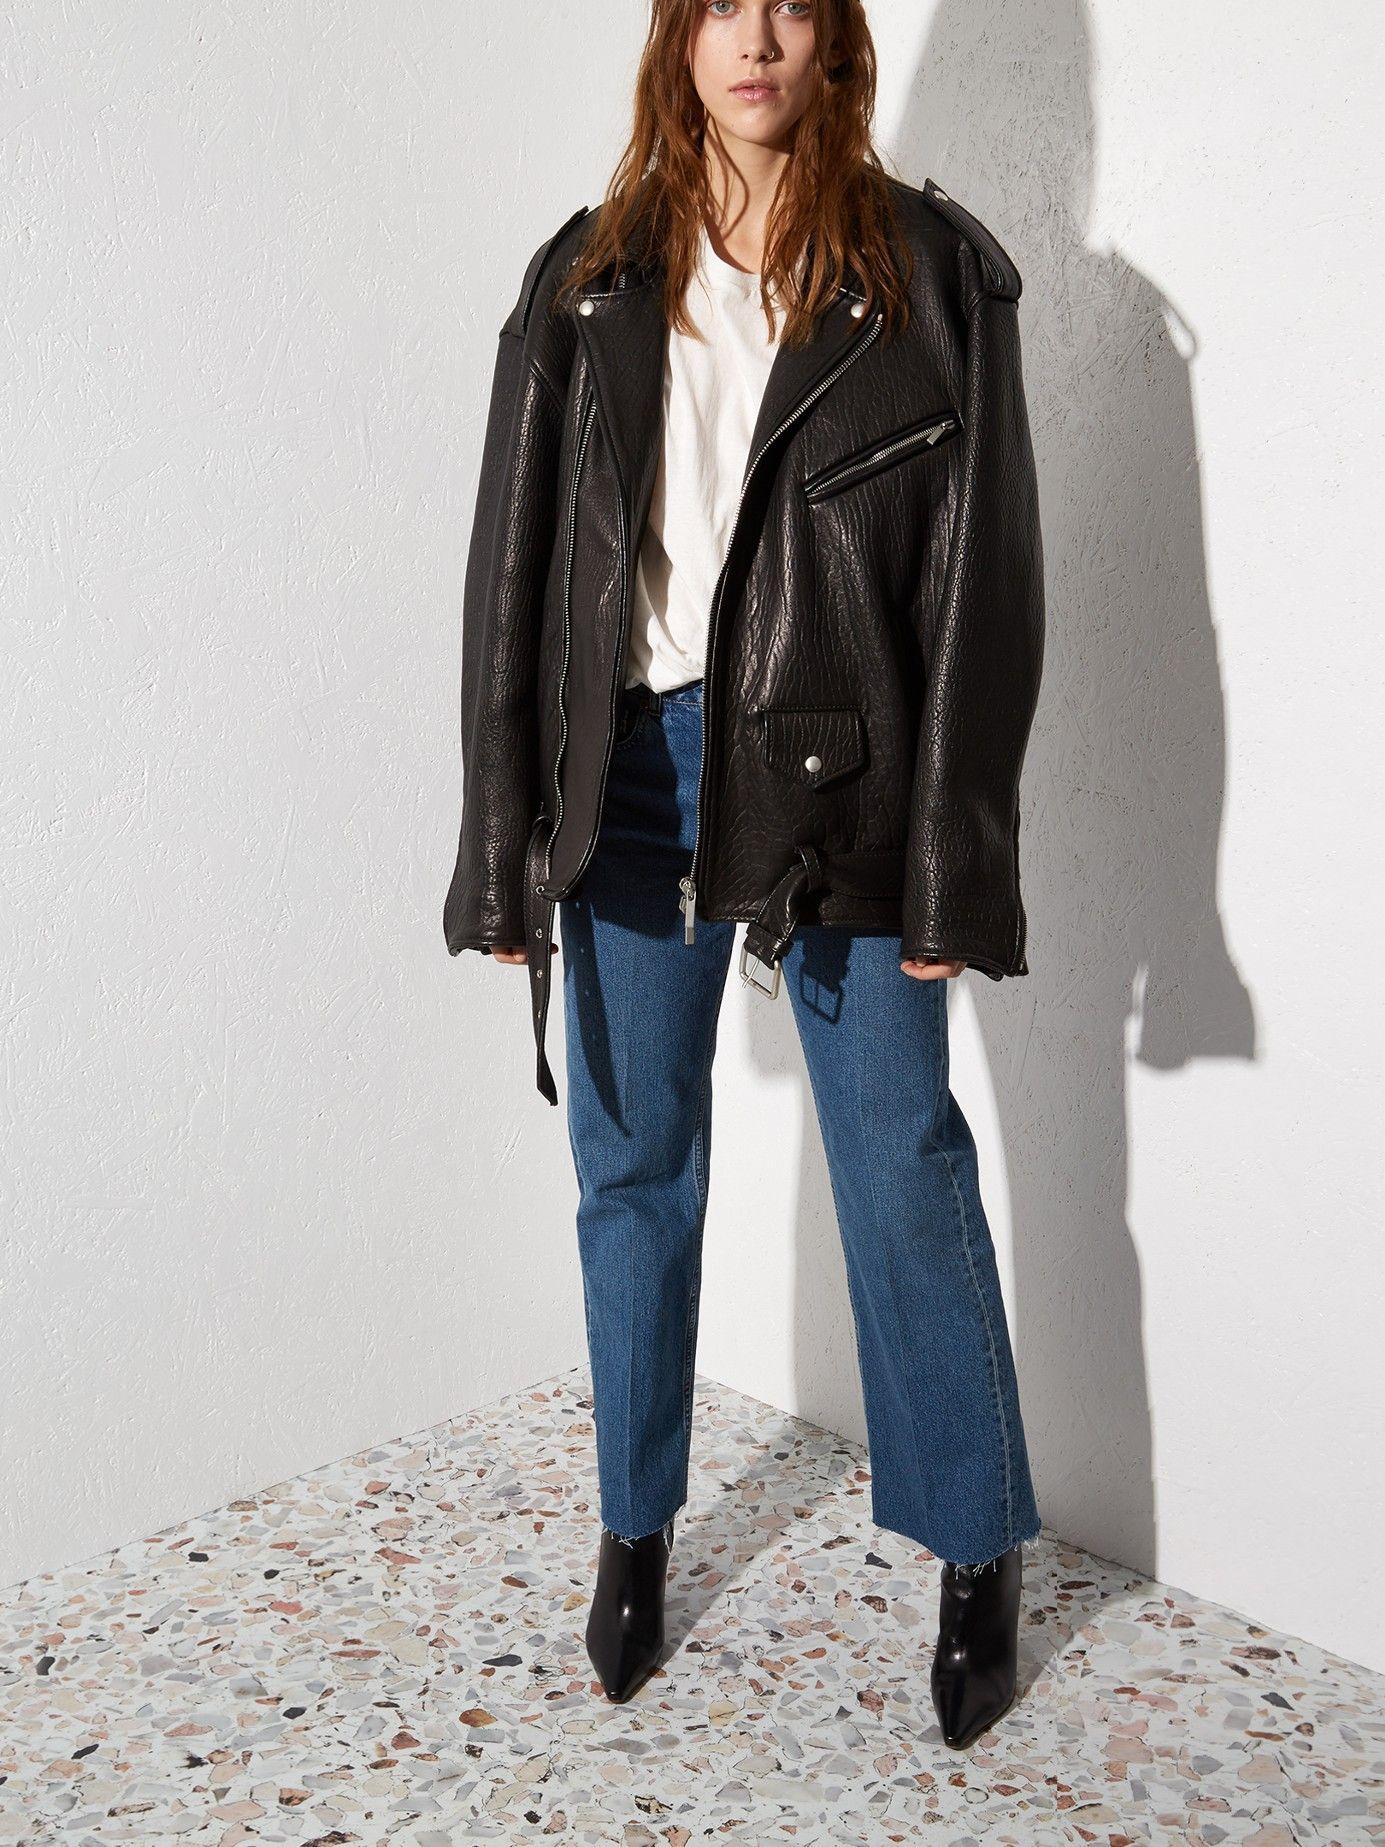 Oversized Tumbled Leather Biker Jacket Raey Matchesfashion Us Jacket Outfit Women Biker Jacket Outfit Women Leather Jacket Outfits [ 1847 x 1385 Pixel ]